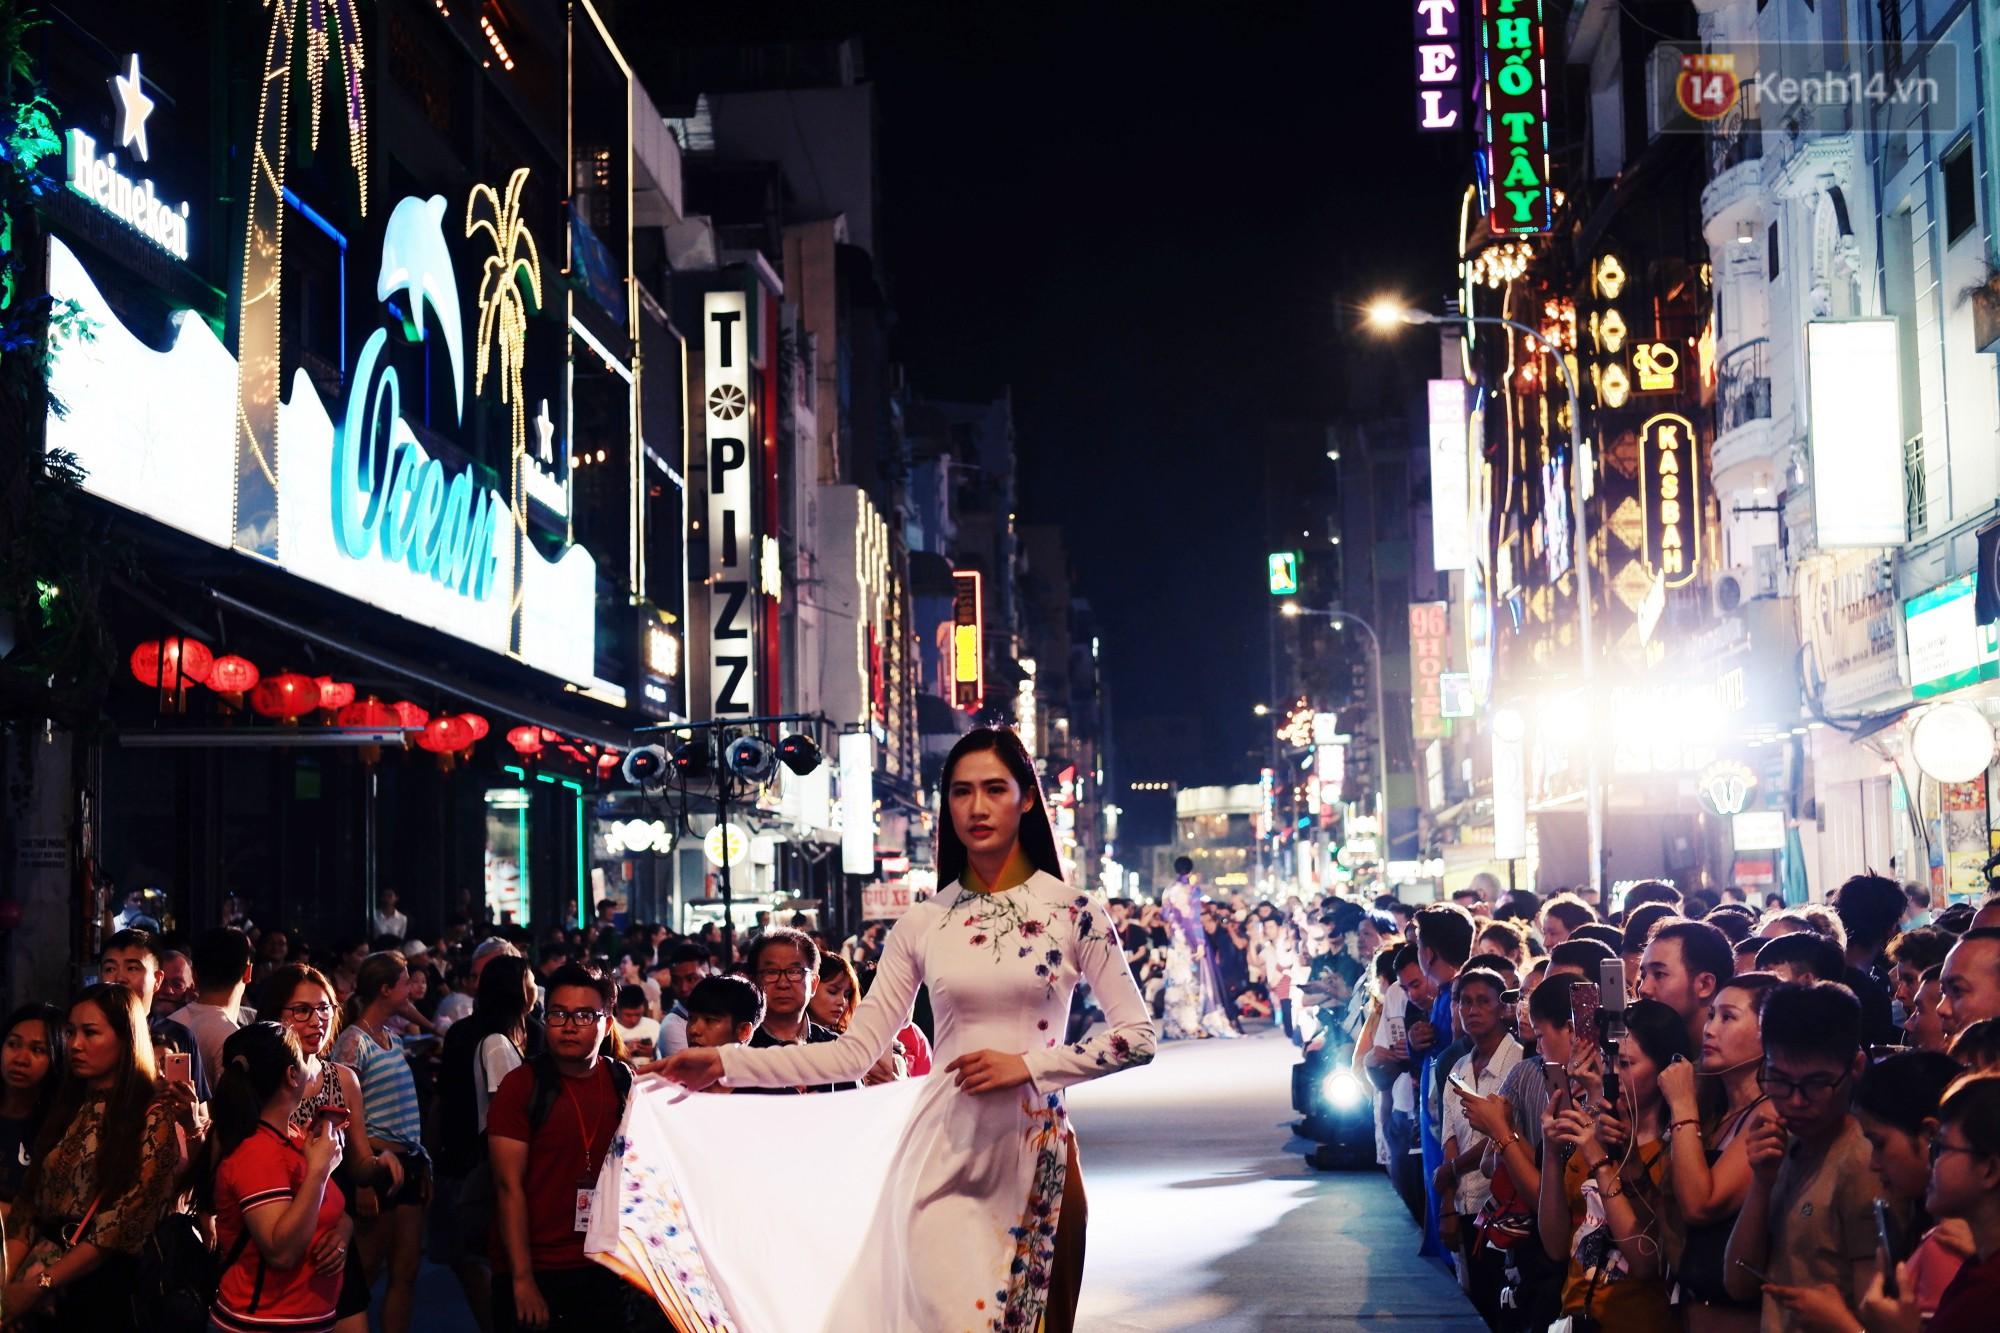 Phố đi bộ Bùi Viện náo nhiệt với màn trình diễn áo dài ấn tượng, du khách nước ngoài thích thú chiêm ngưỡng - Ảnh 2.